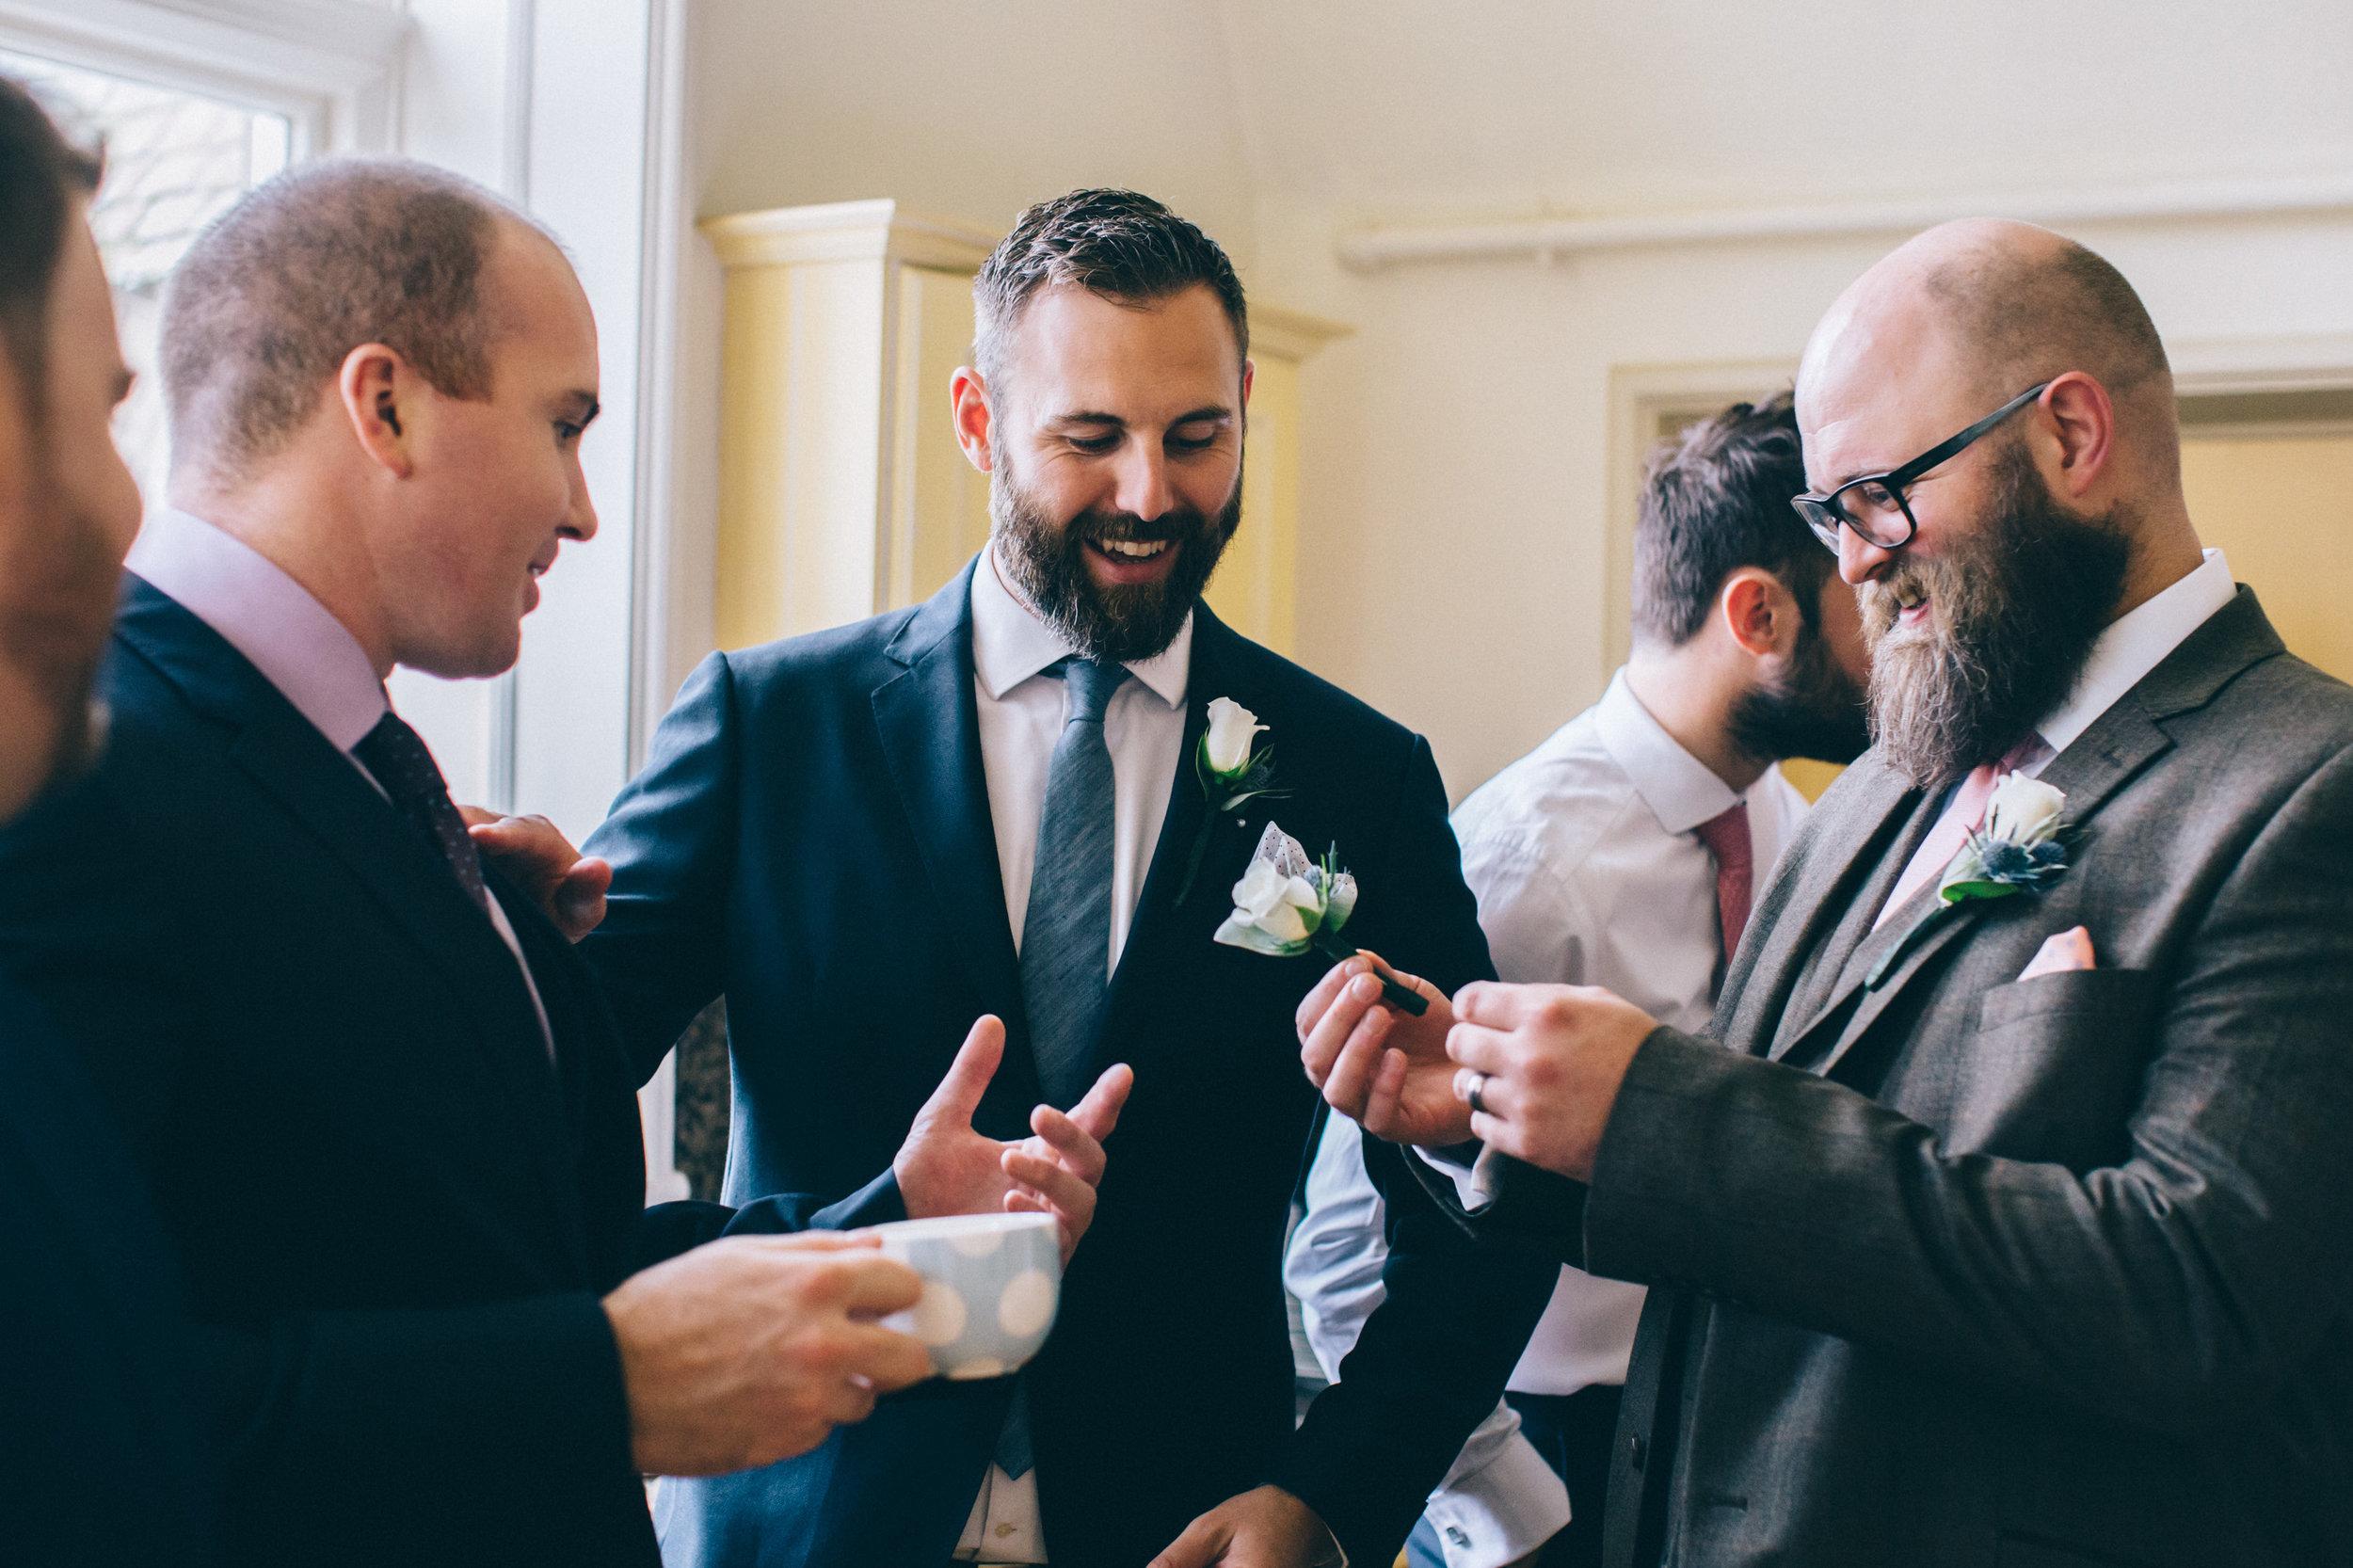 uk wedding photographer artistic wedding photography-9.jpg